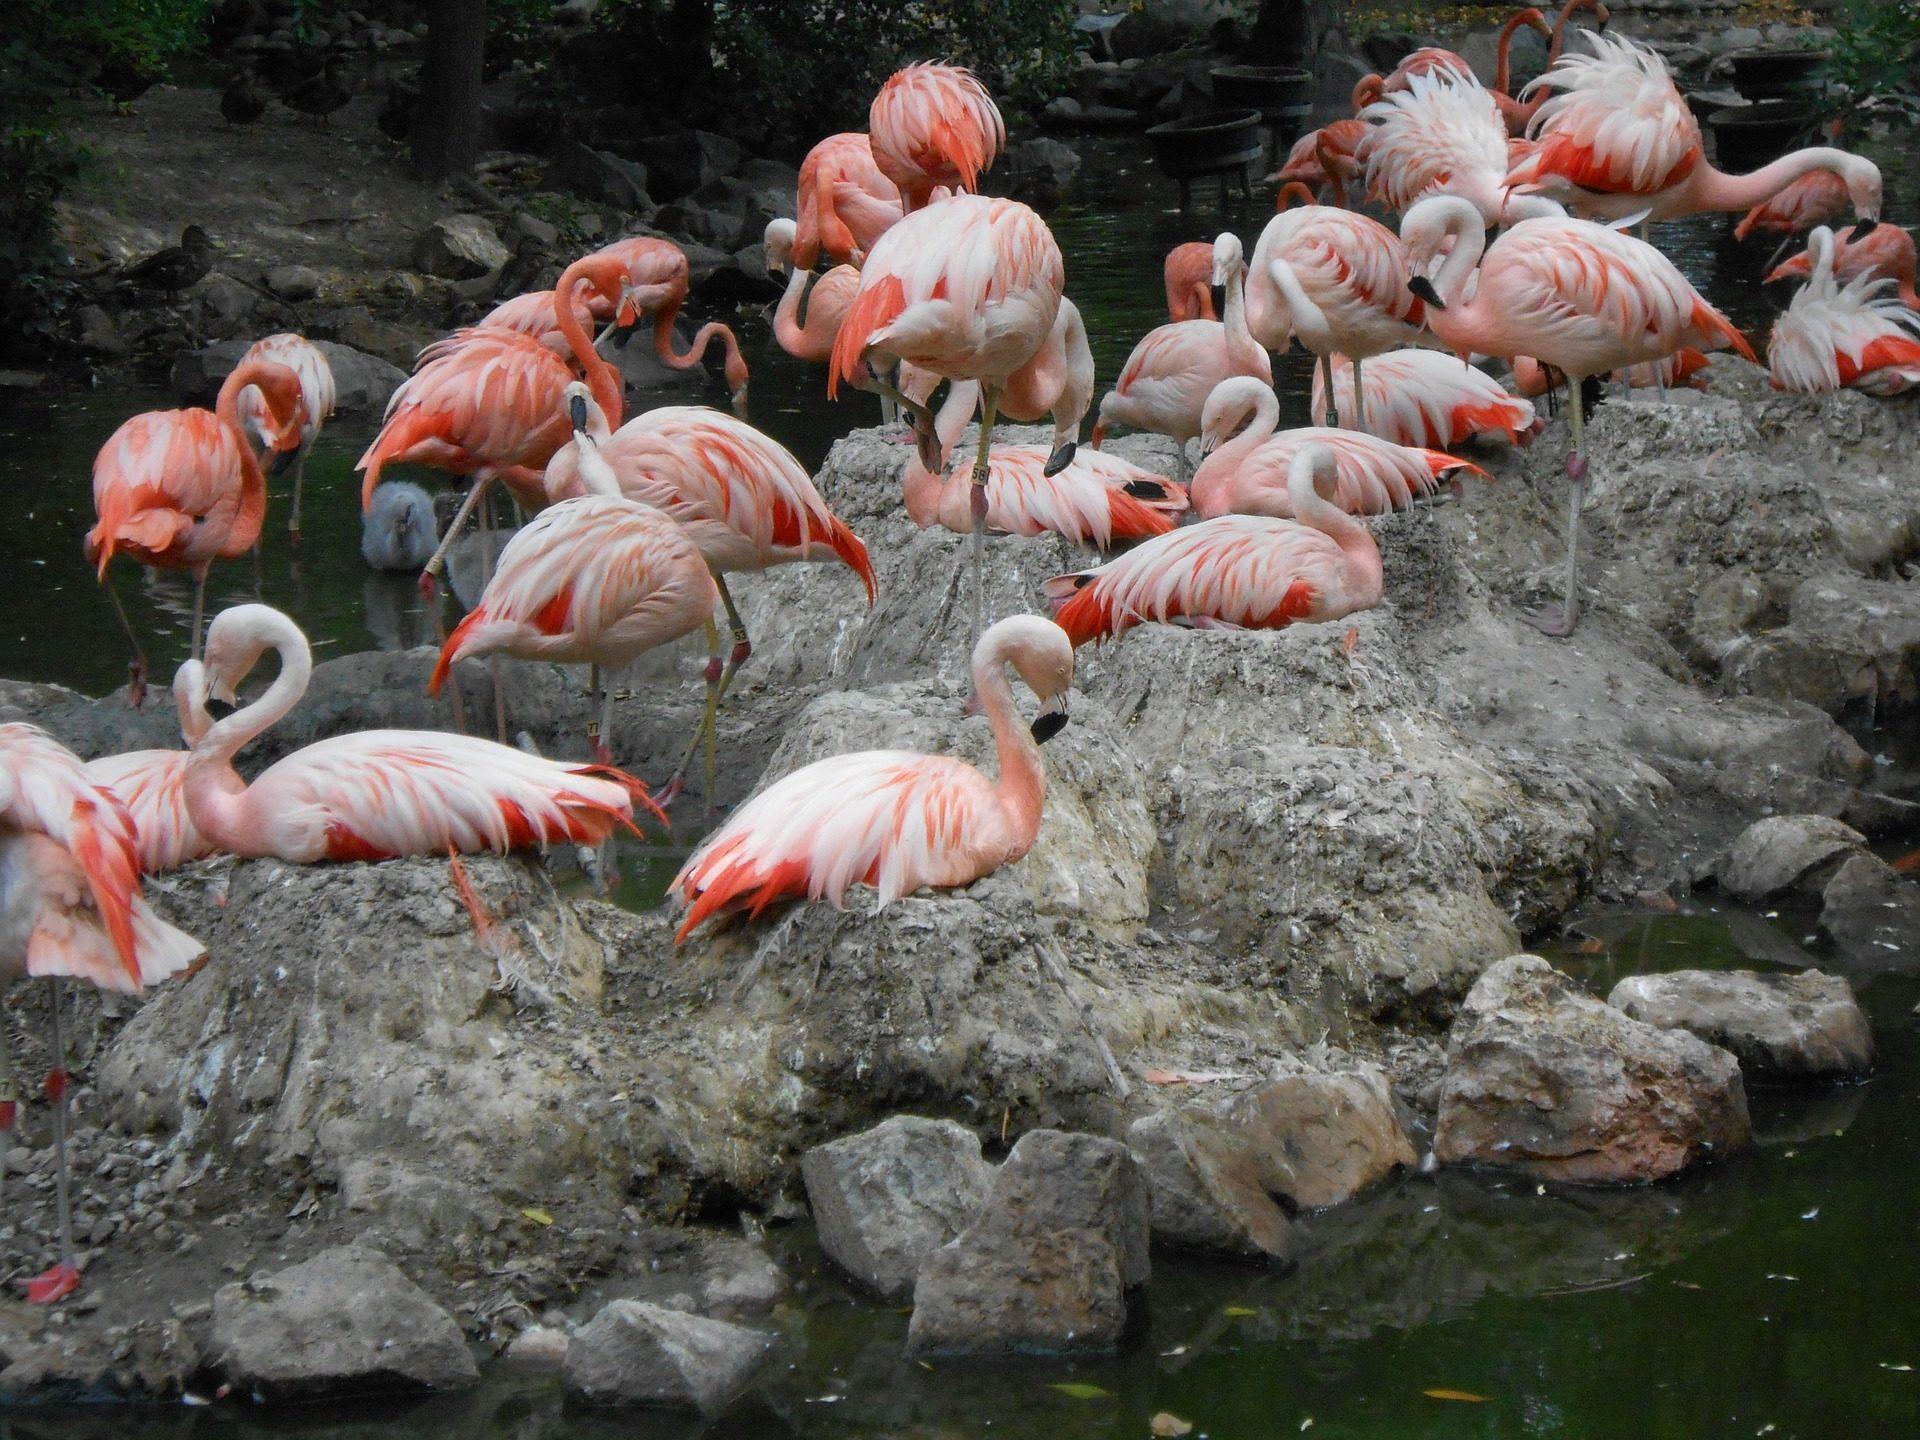 フラミンゴ, 鳥, シギ, 群れ, 石, 湖, ピンク - HD の壁紙 - 教授-falken.com